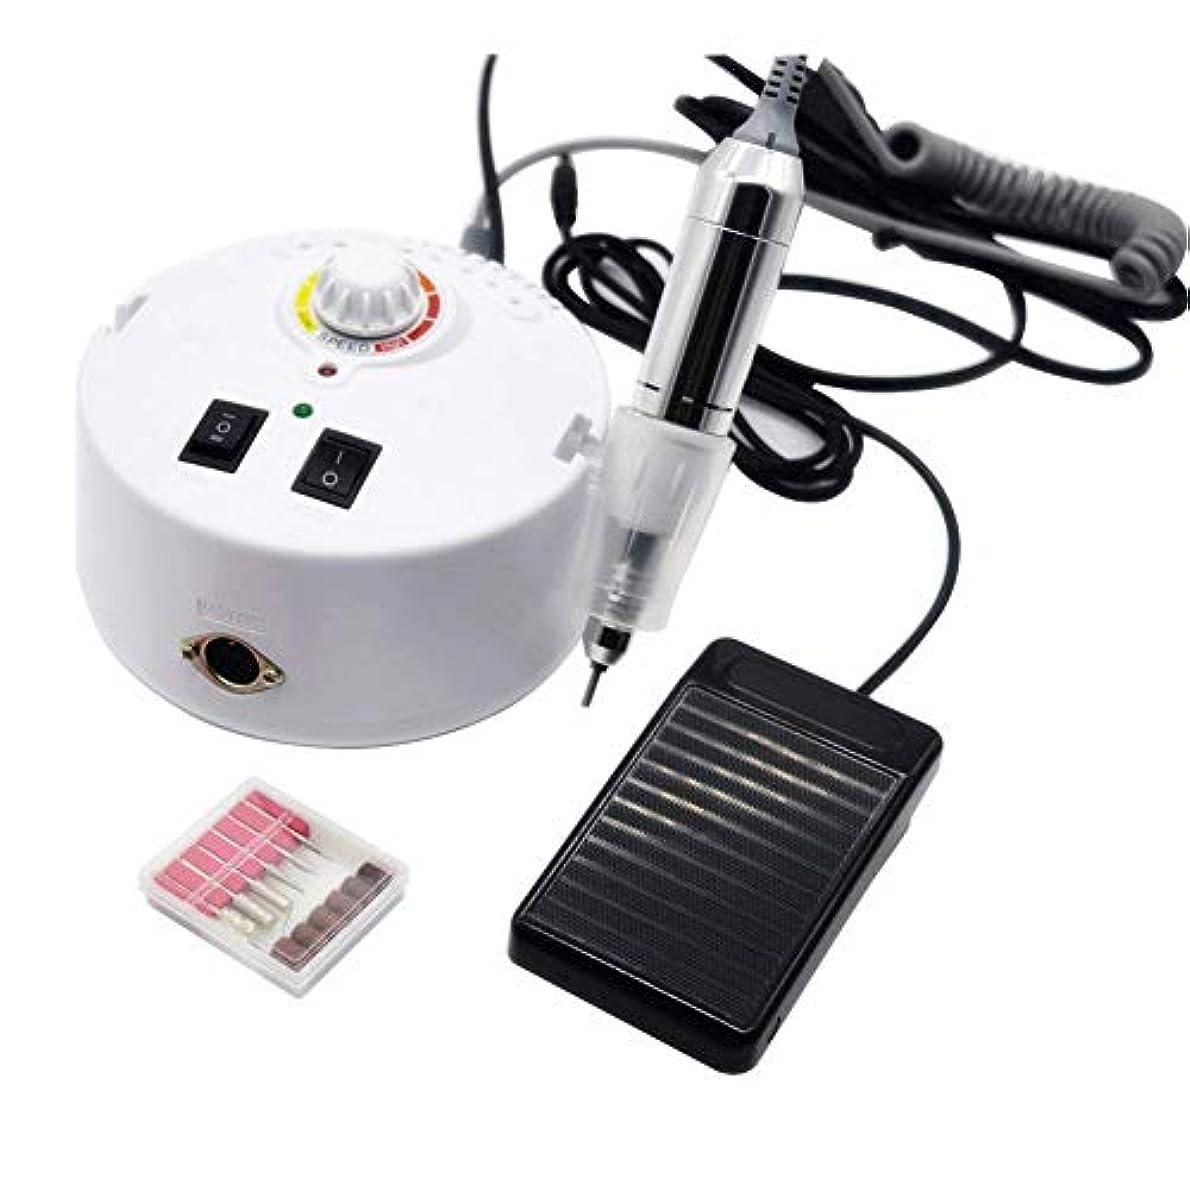 プラスチック排泄する法的ネイルドリル機電気ネイルファイルアクリルジェルネイルグラインダーツール30000 rpmファッショナブルな電気マニキュアペディキュアアートネイルドリルパウダーポリッシャー